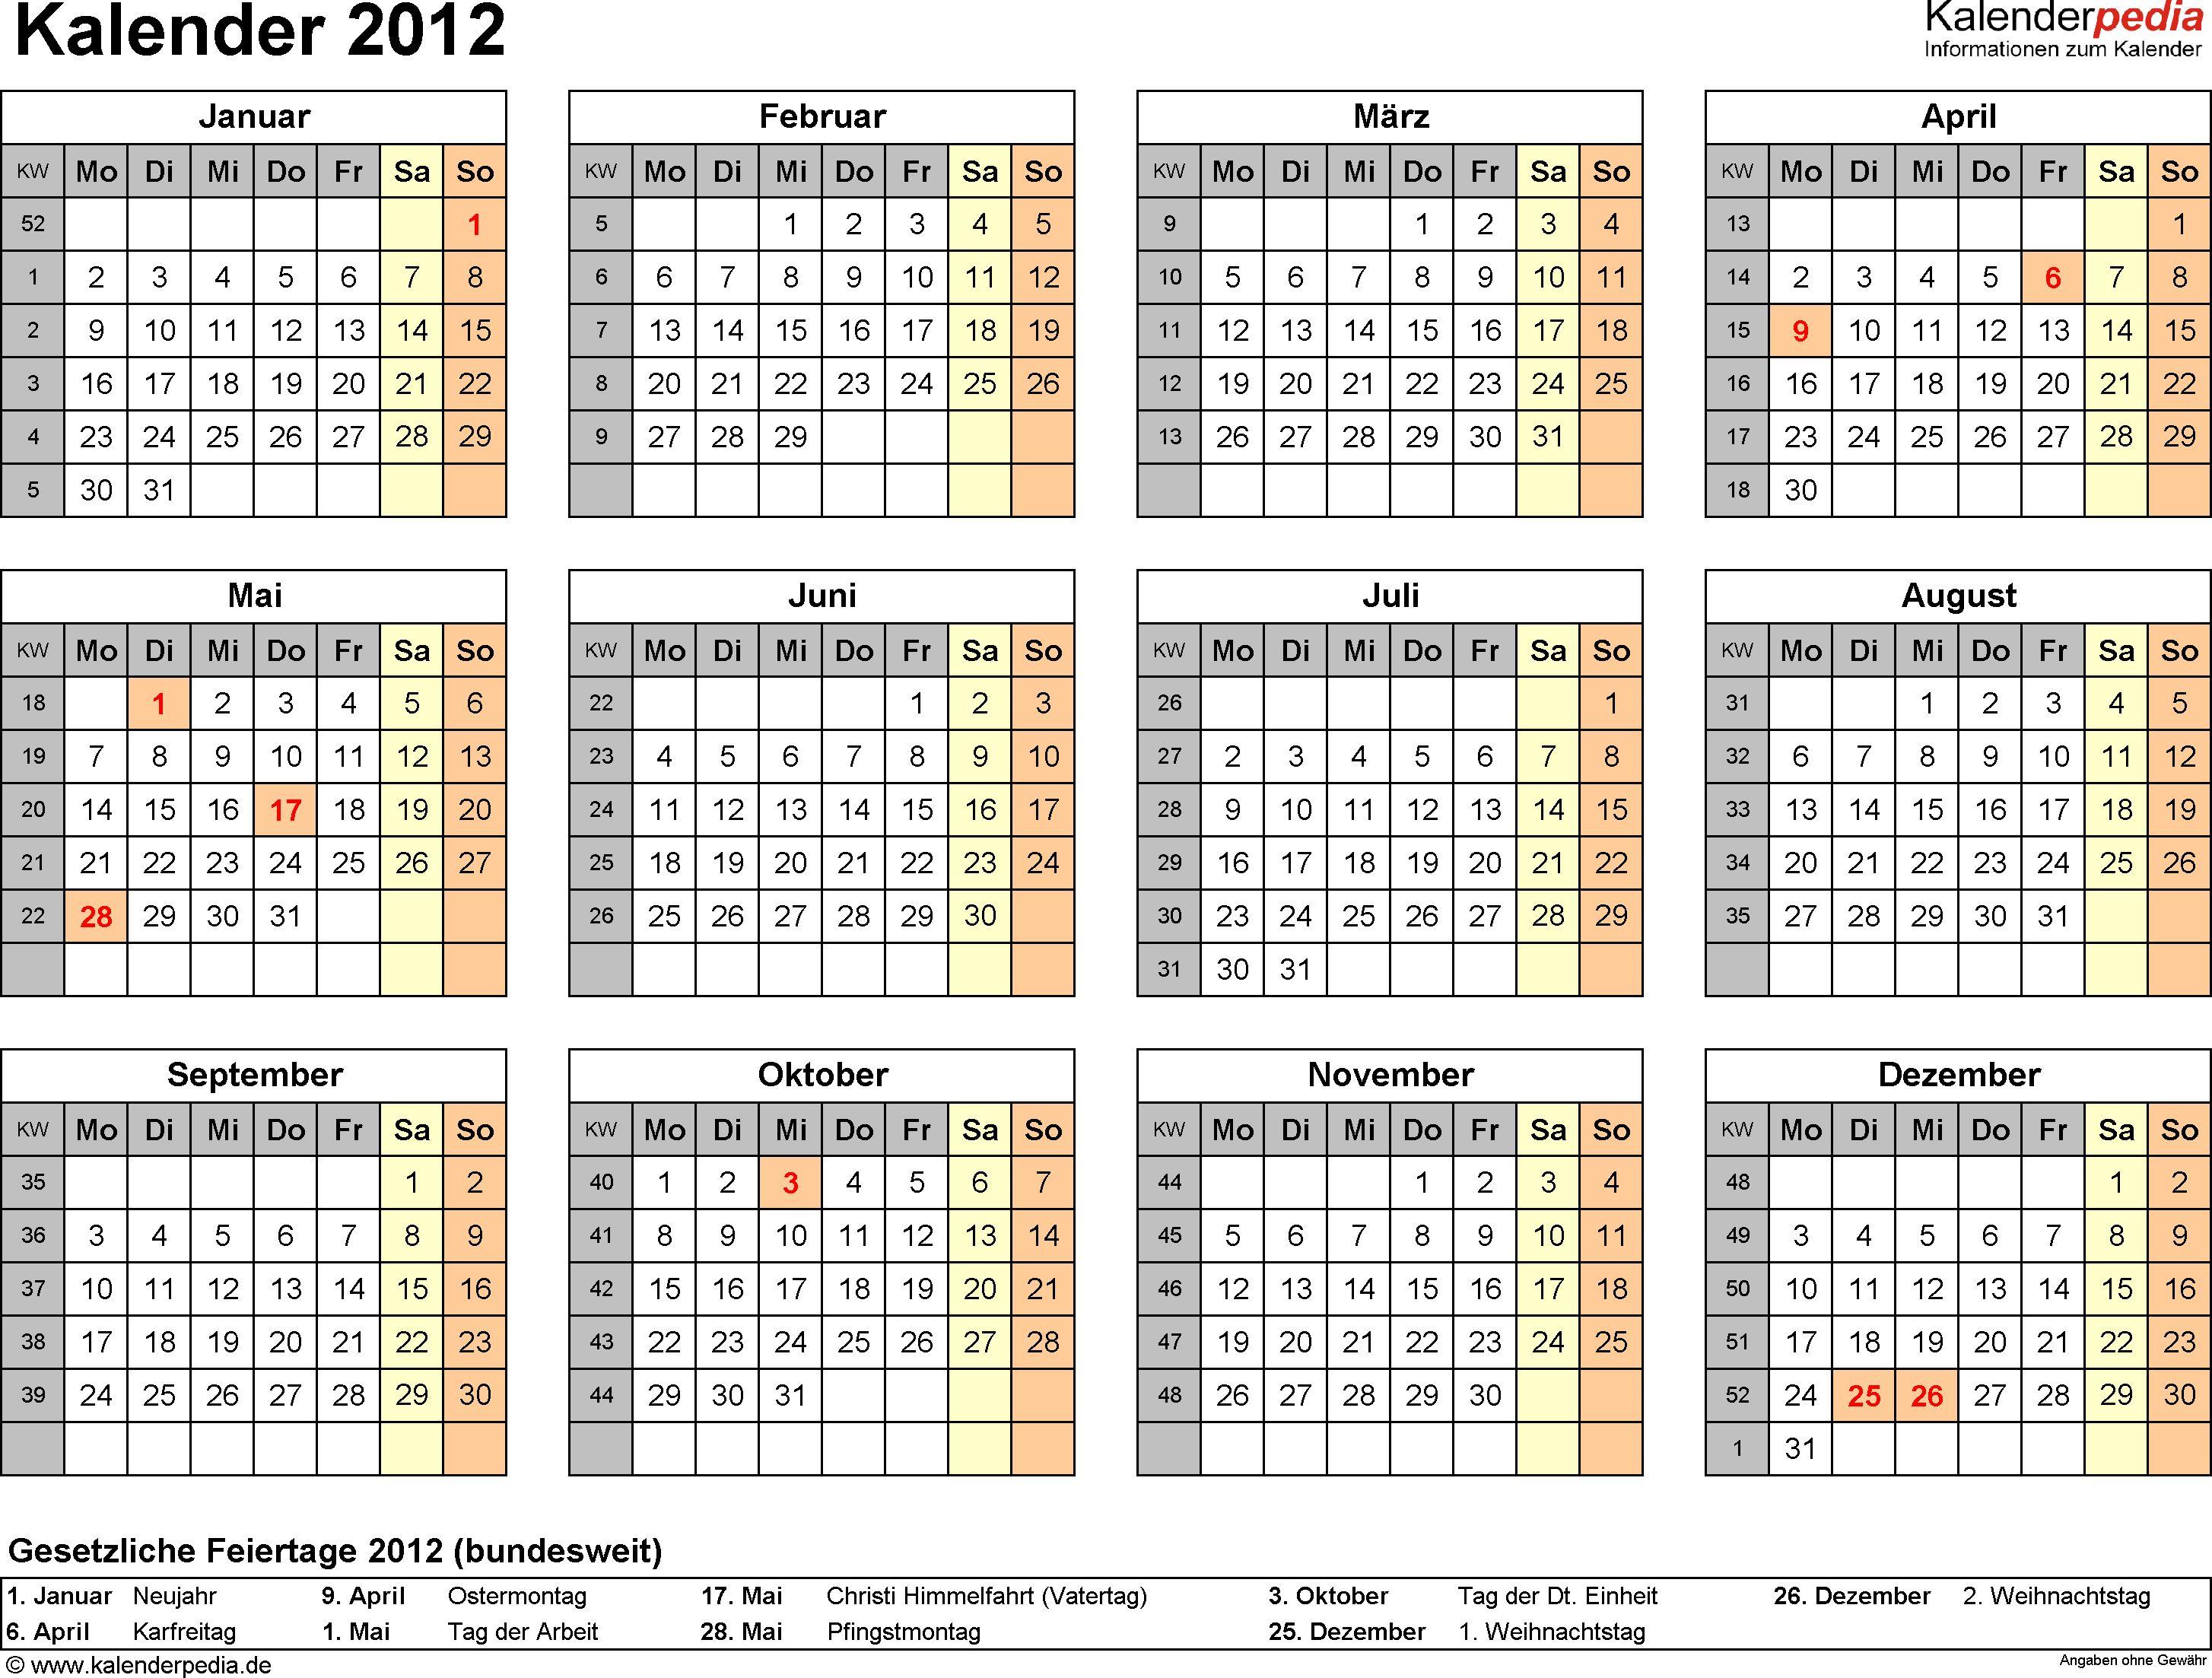 Kalender 2012 mit Feiertagen und Kalenderwochen